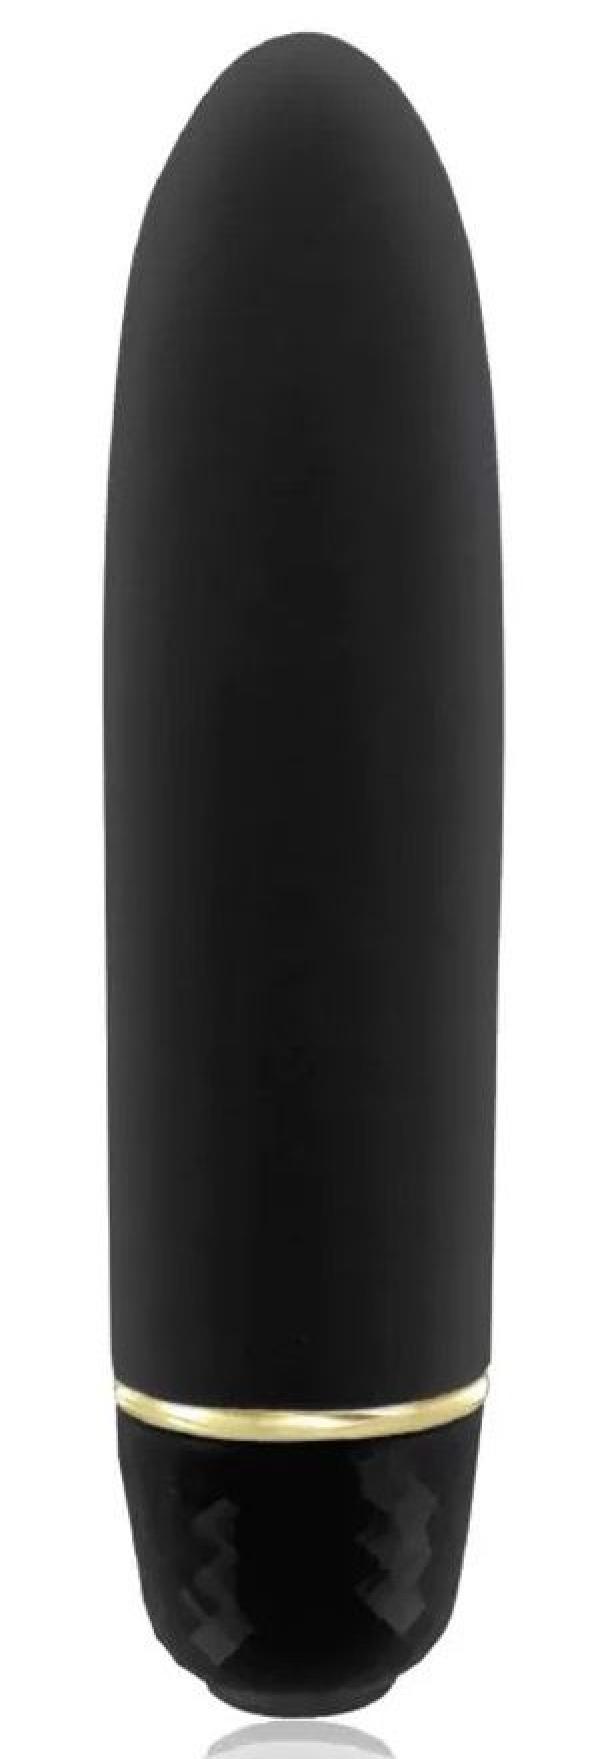 Черная вибропуля Classique Vibe - 12 см.